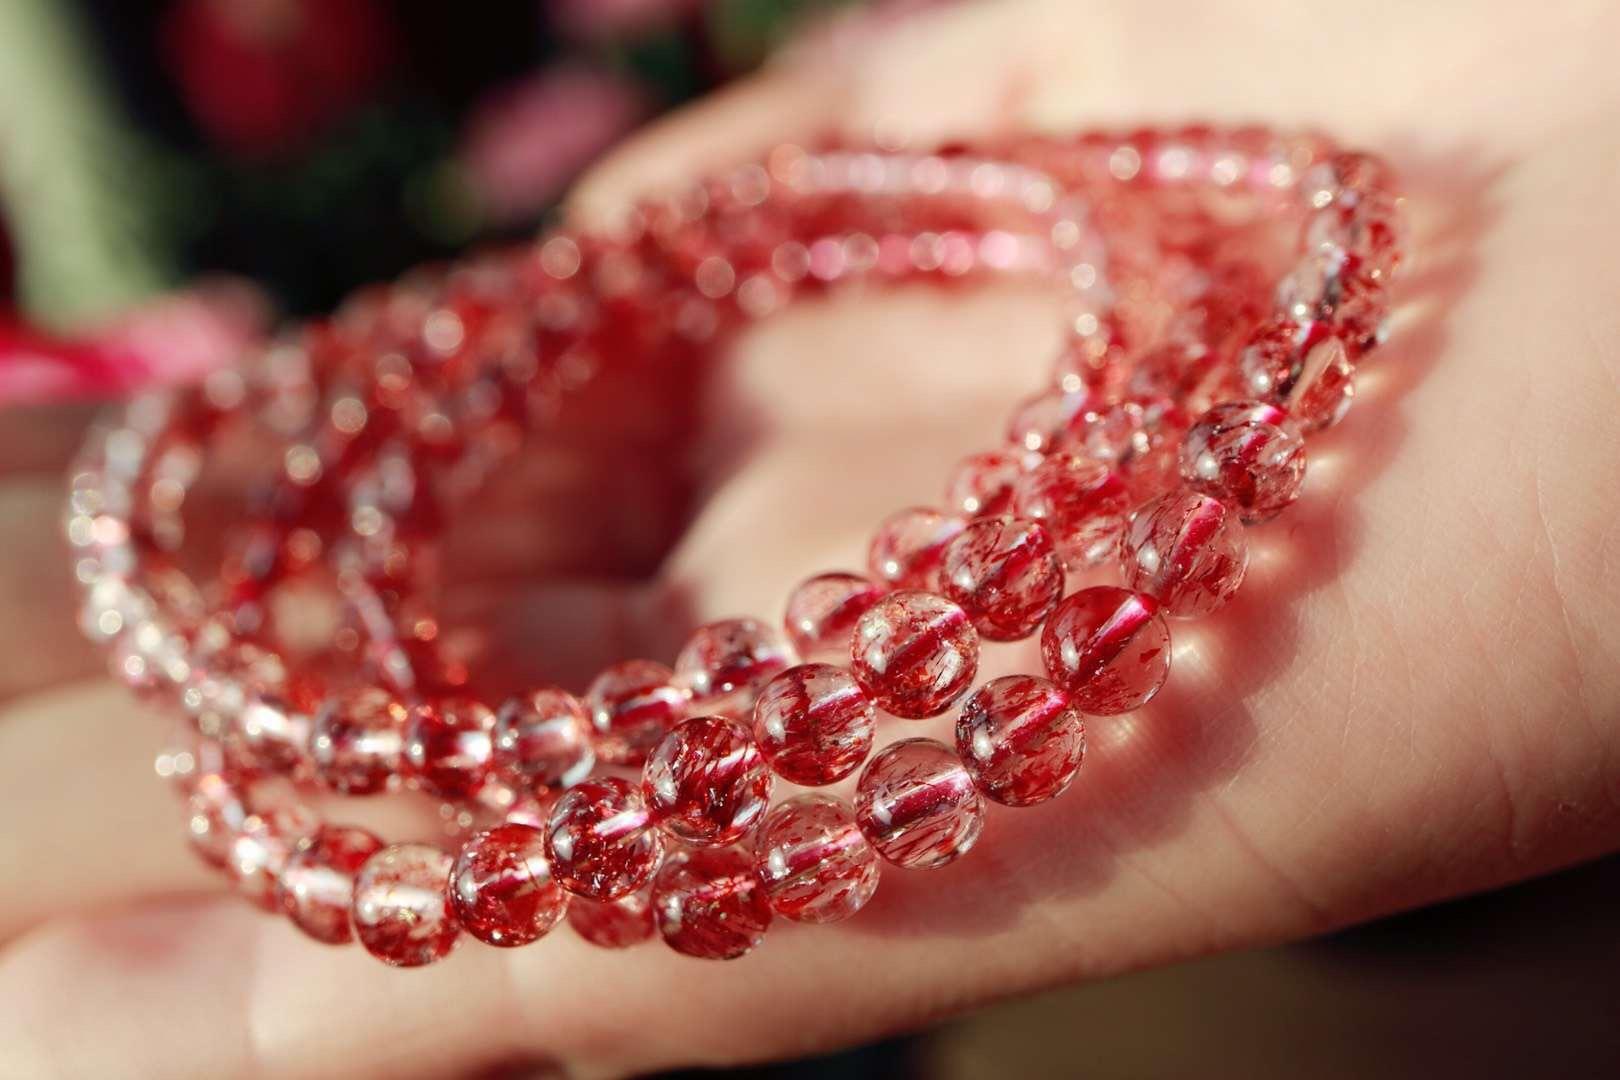 【菩心超七金草莓晶】阳光下的金草莓晶俨然是一道风景~~-菩心晶舍